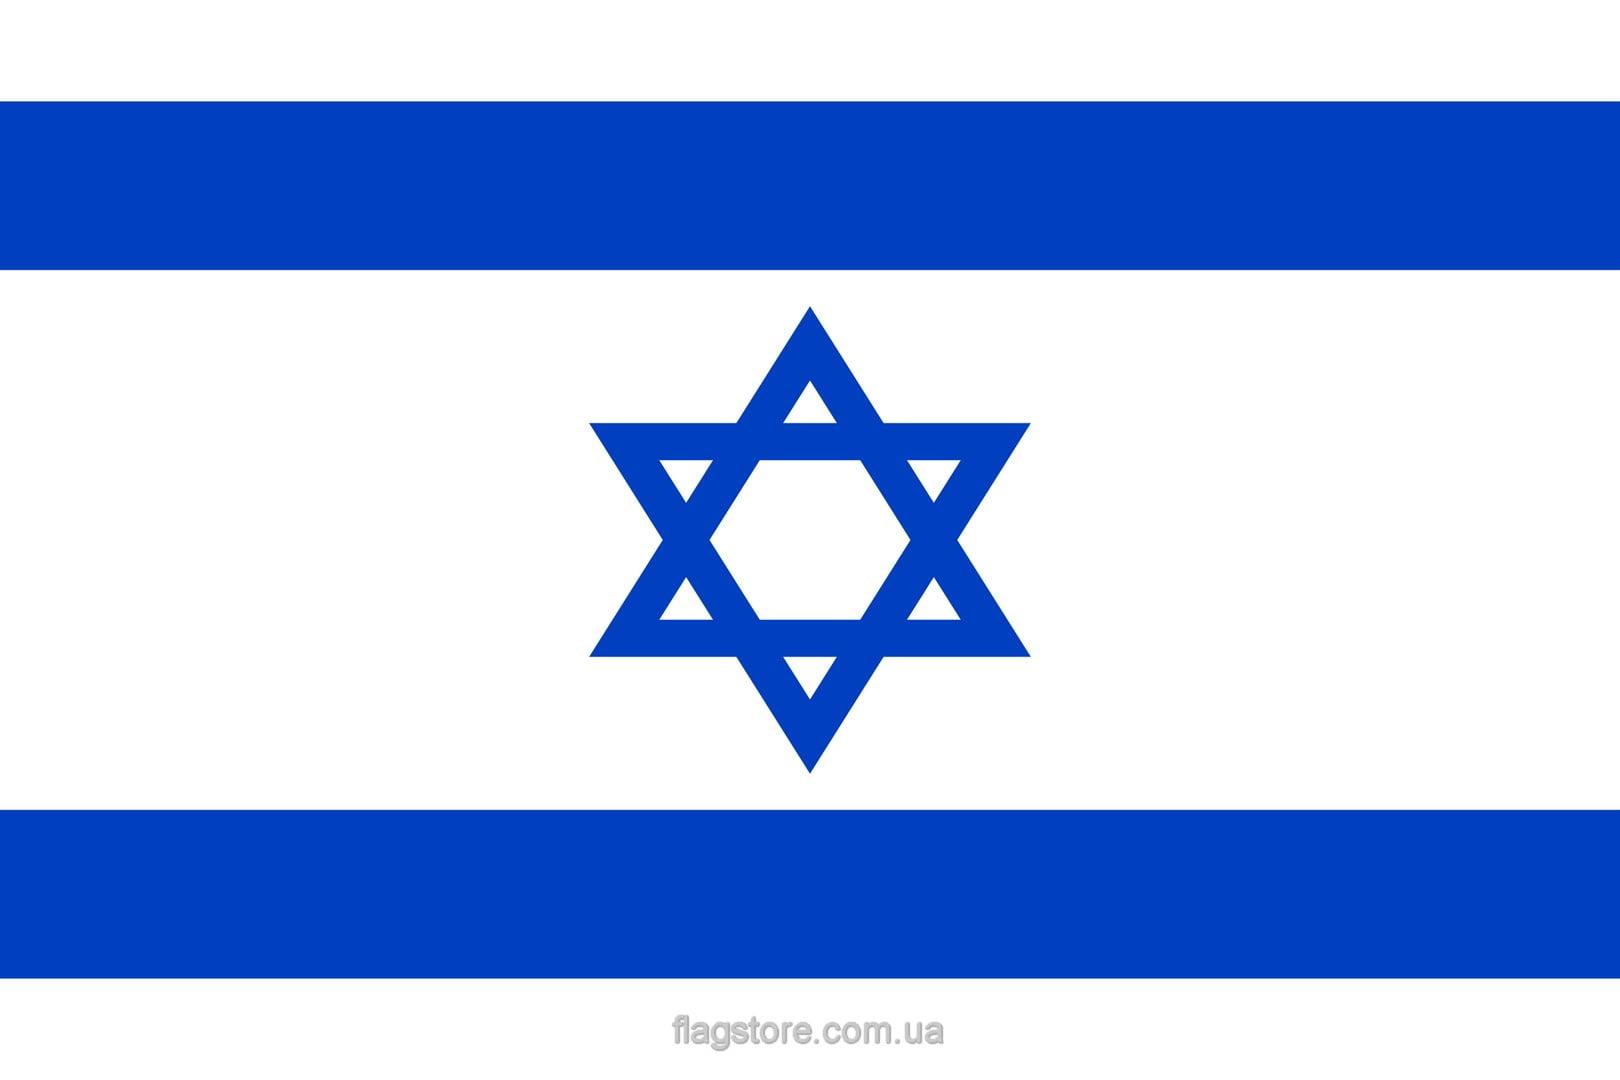 Купить флаг Израиля (страны Израиль)